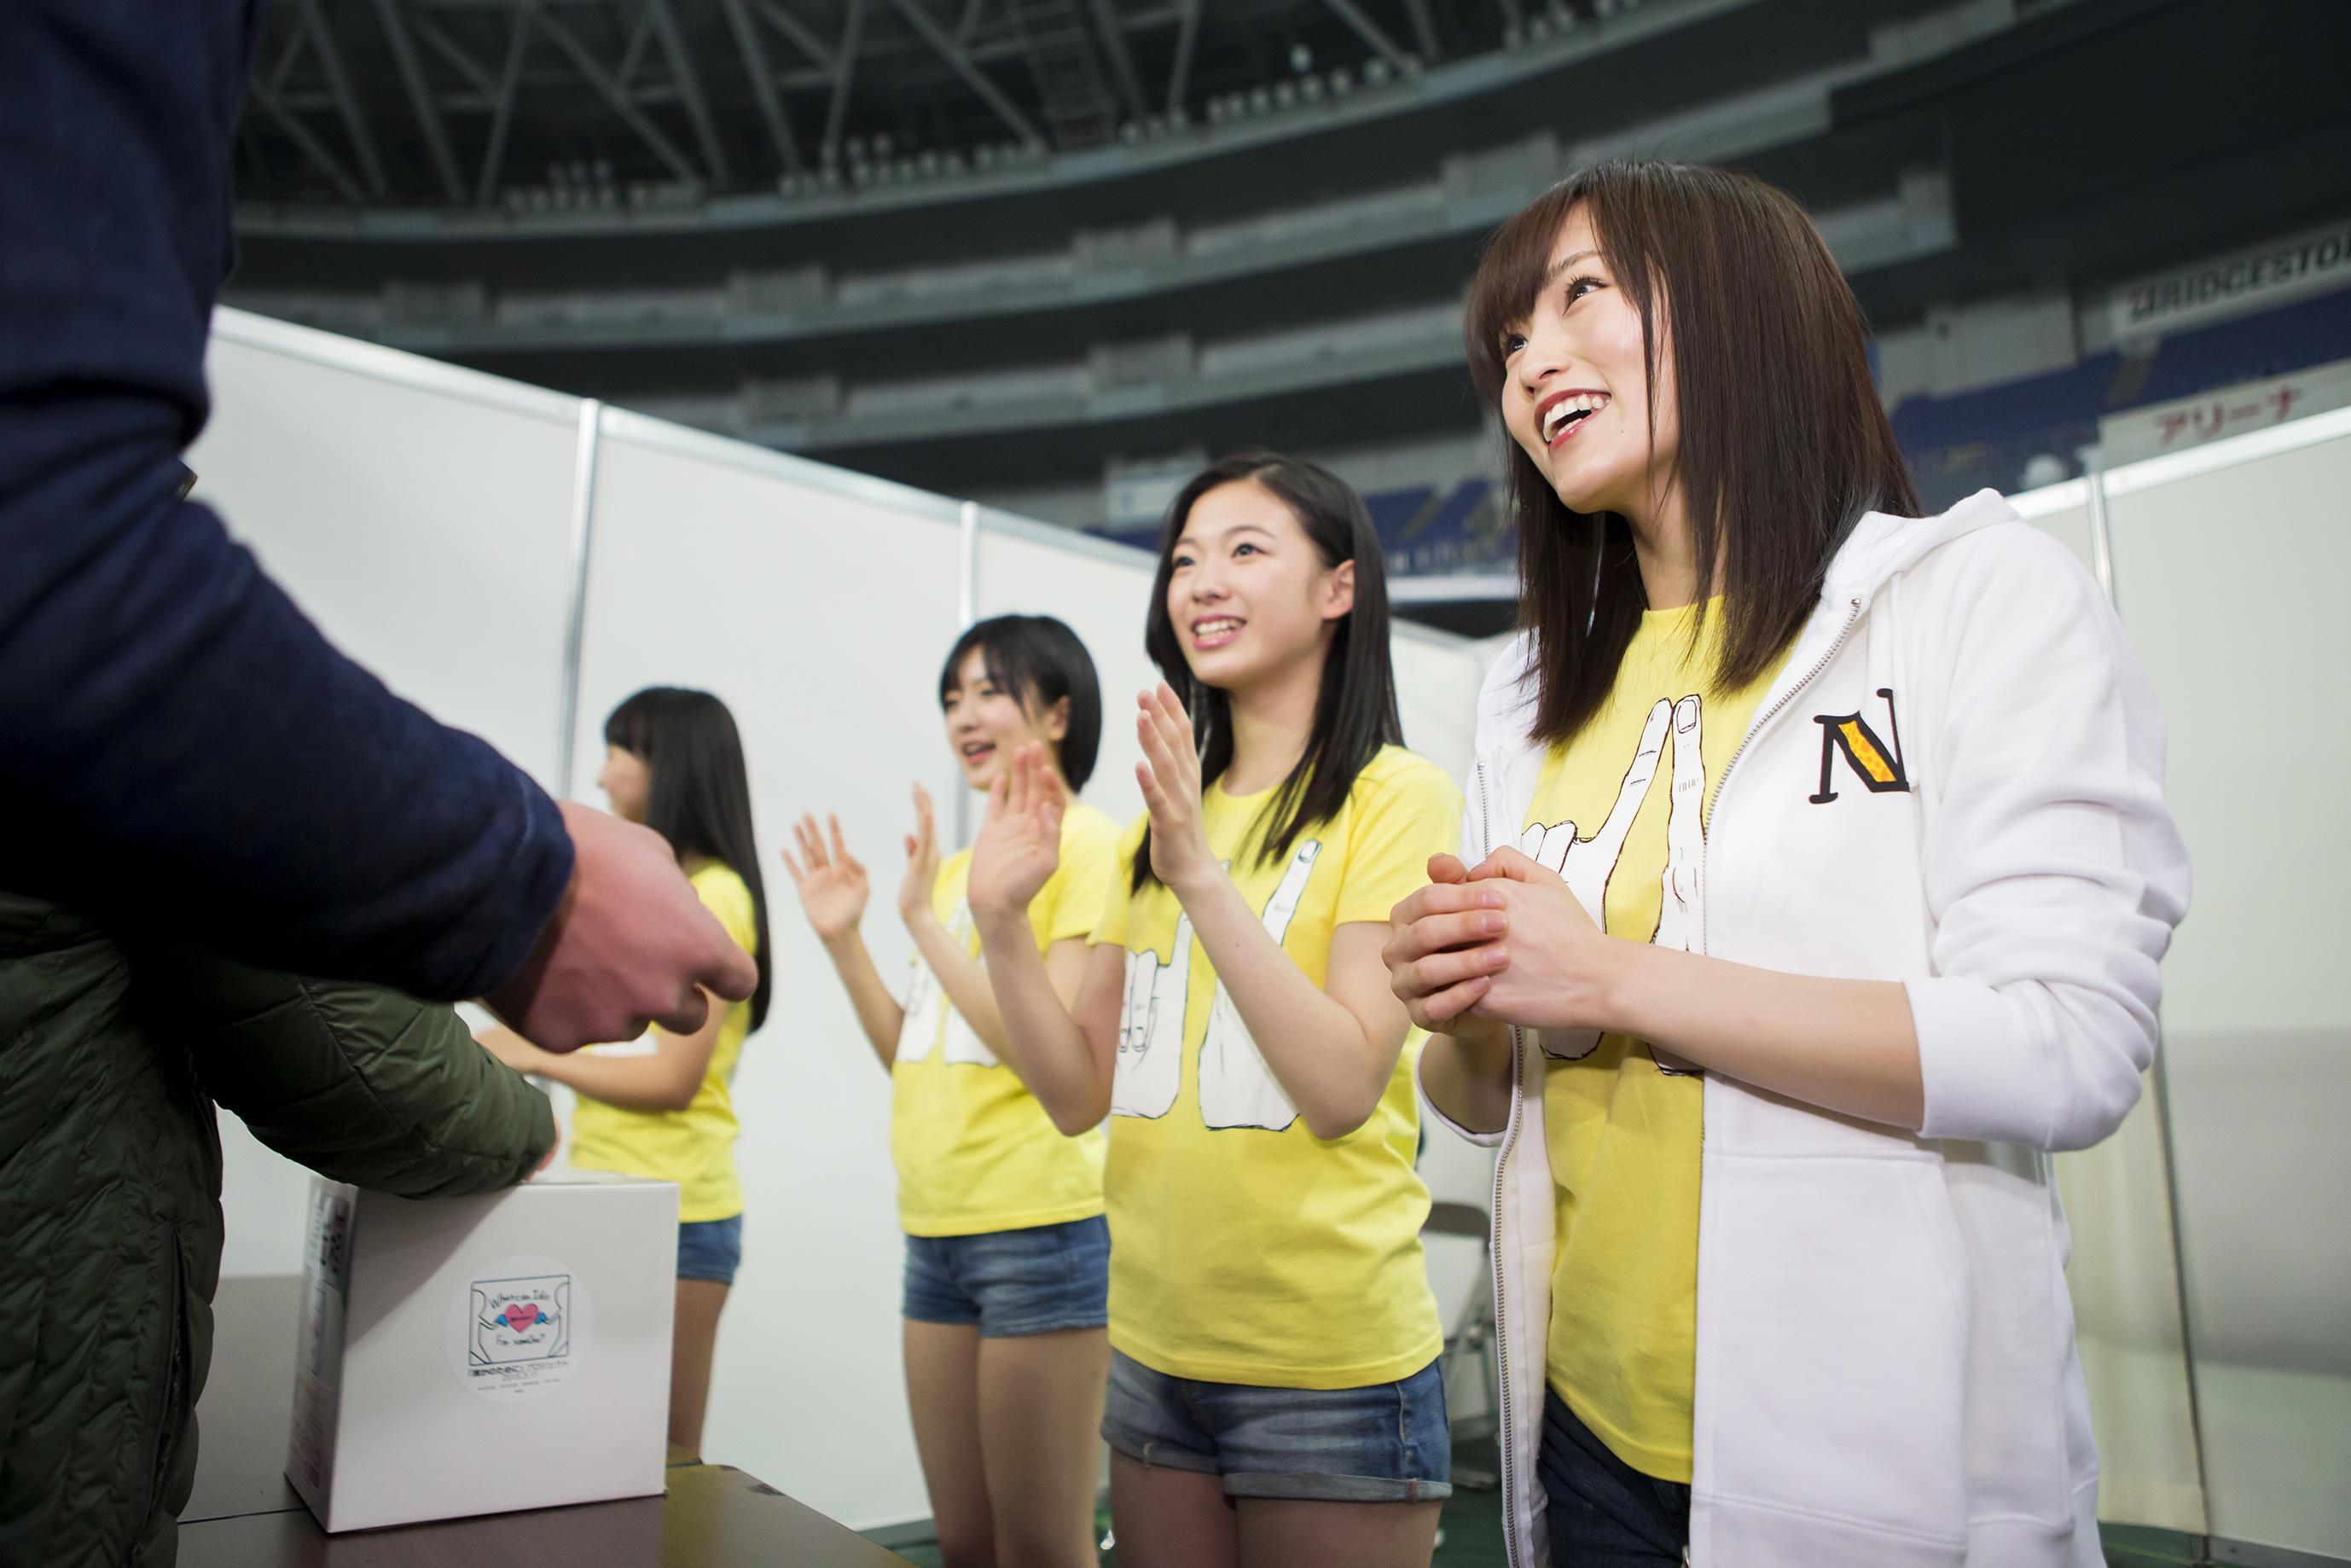 http://news.yoshimoto.co.jp/20170314203858-5db60a423faad8a6bde9c670535dd7f6804d8158.jpg